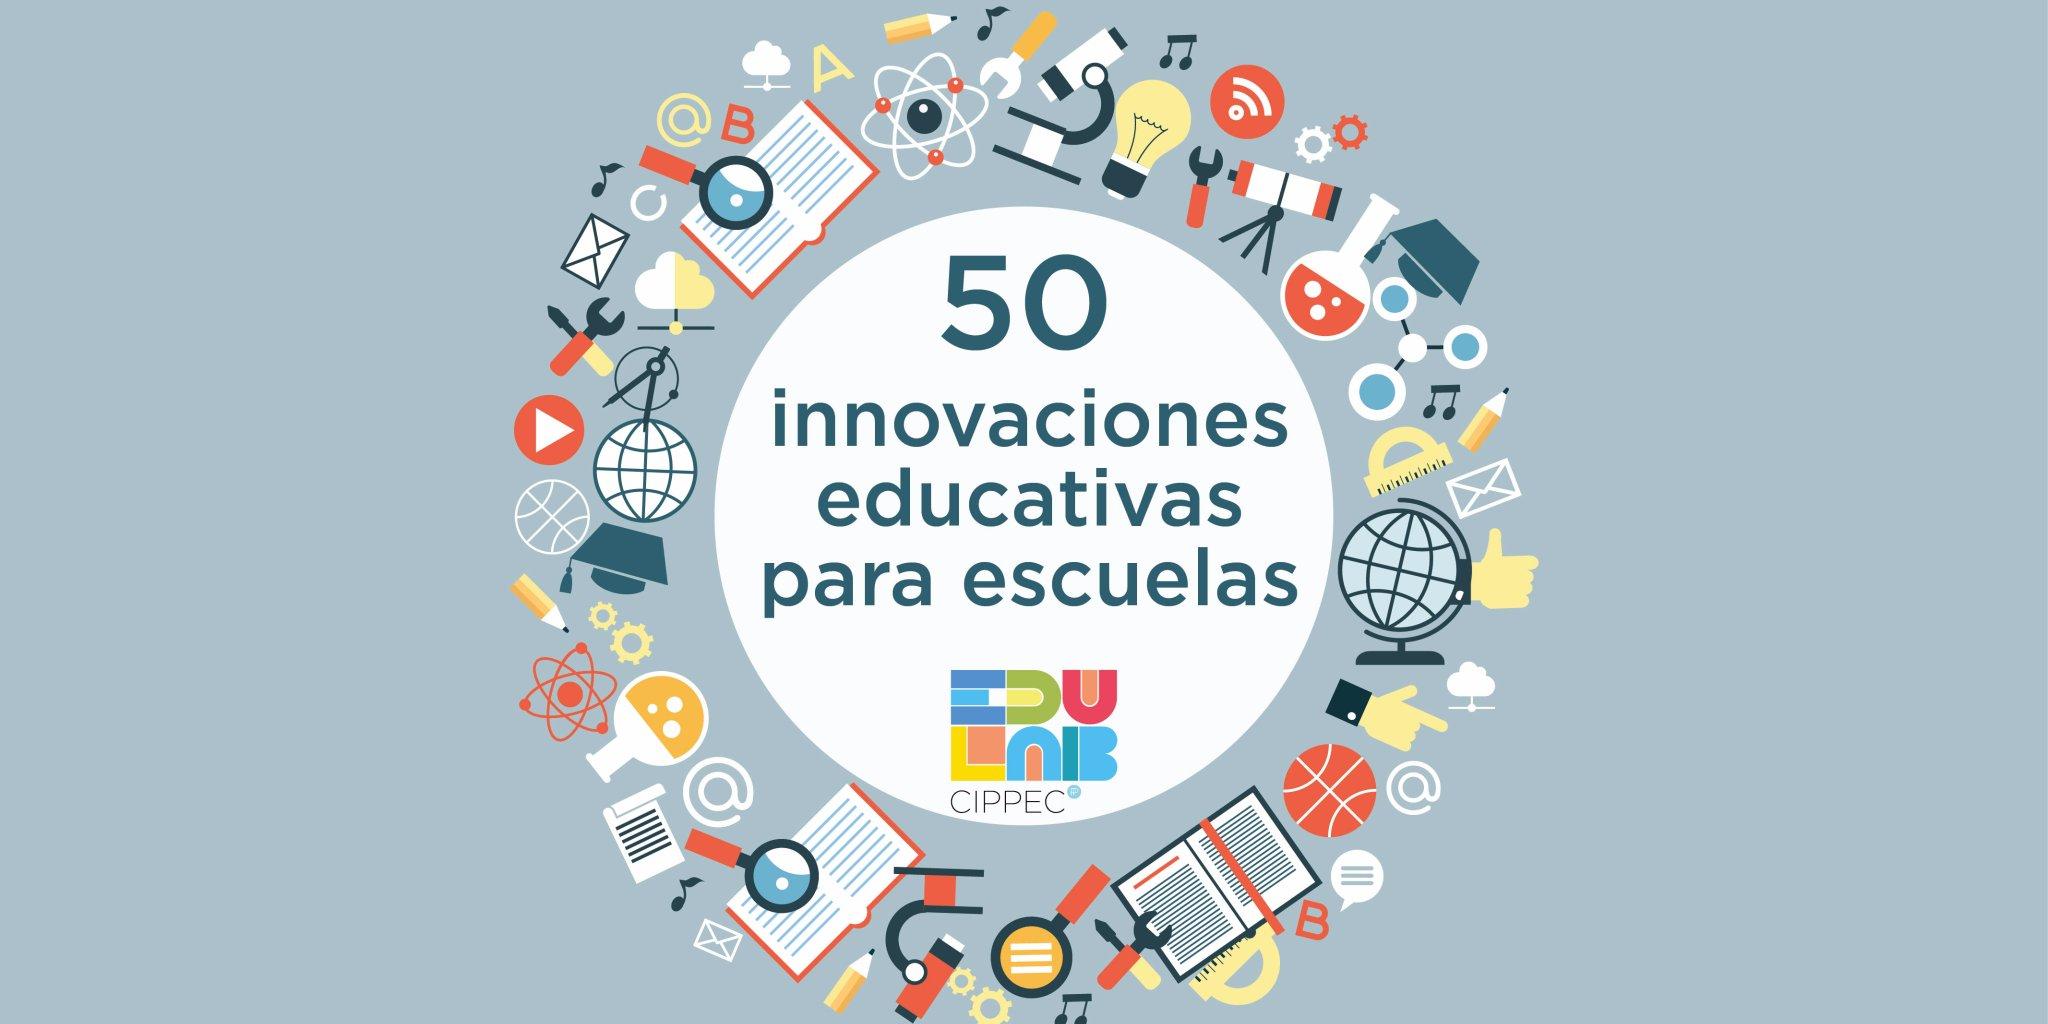 50 innovaciones educativas para escuelas